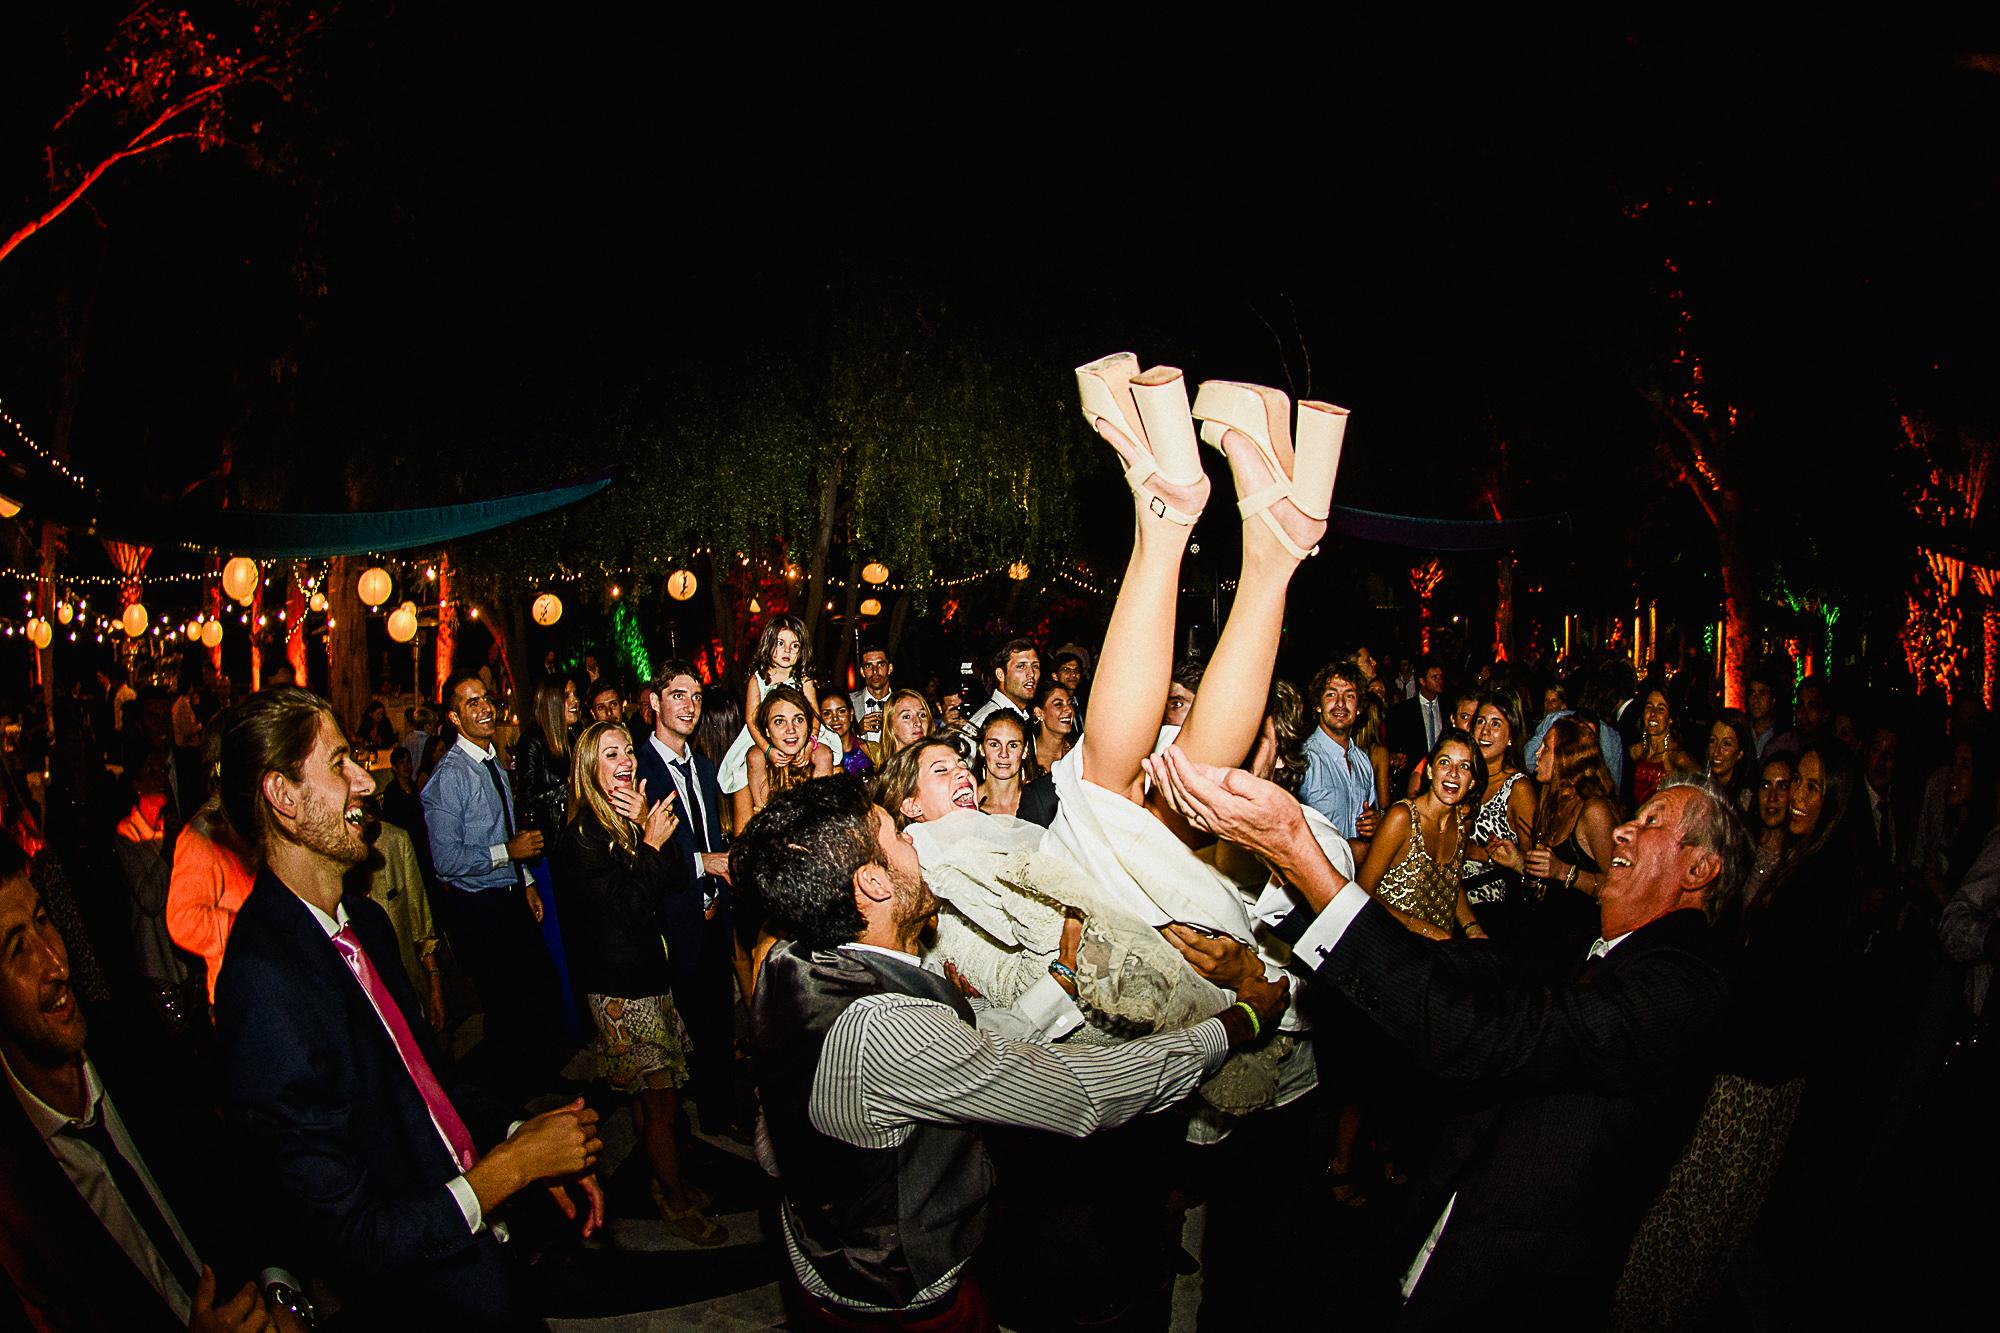 boda-vero-matias-chile-fotografo-de-bodas-a-destino-gabriel-roa-27